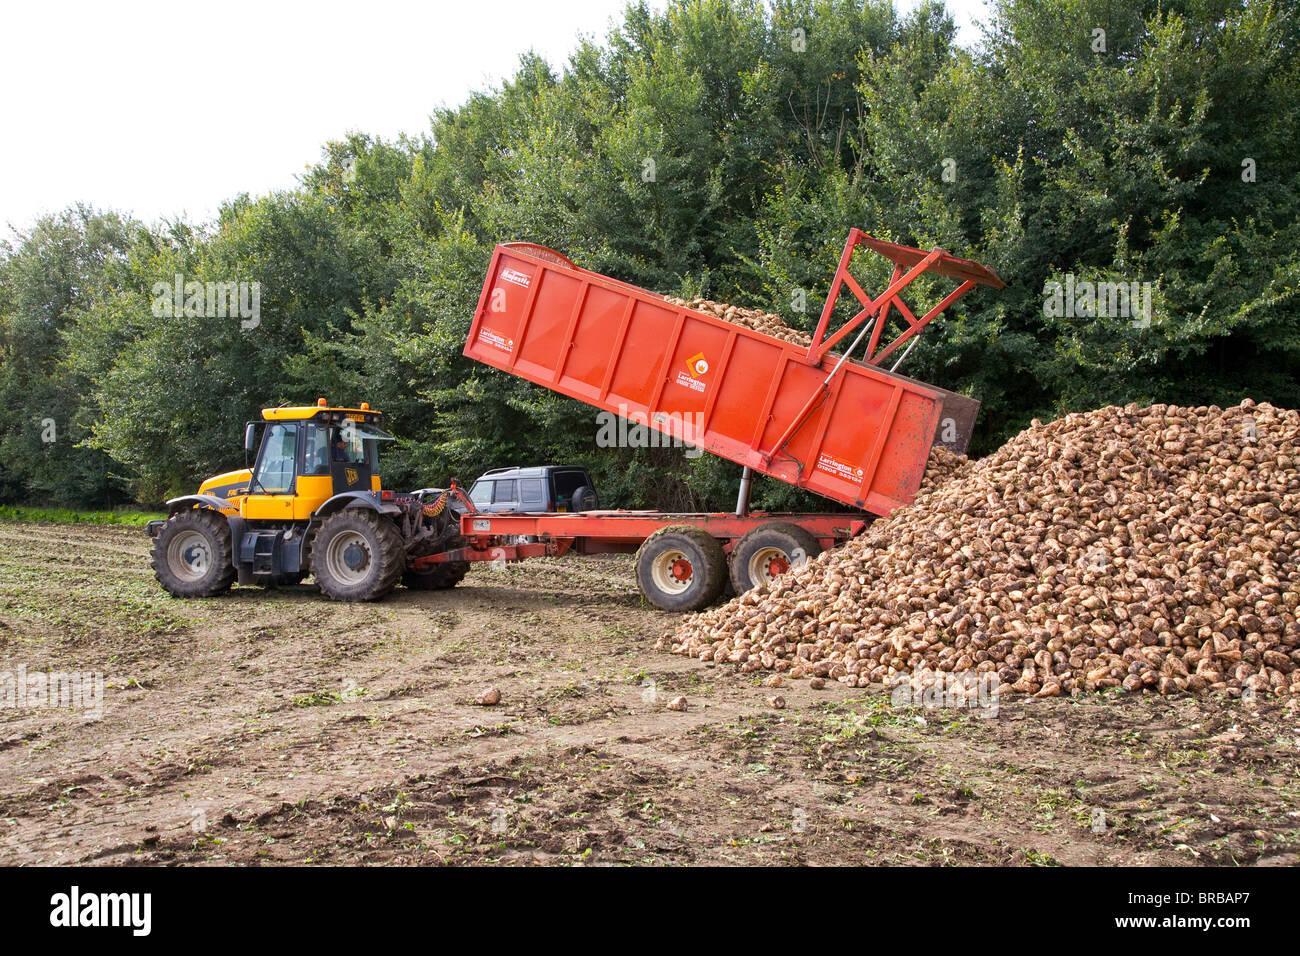 Sugar beet pile - Stock Image